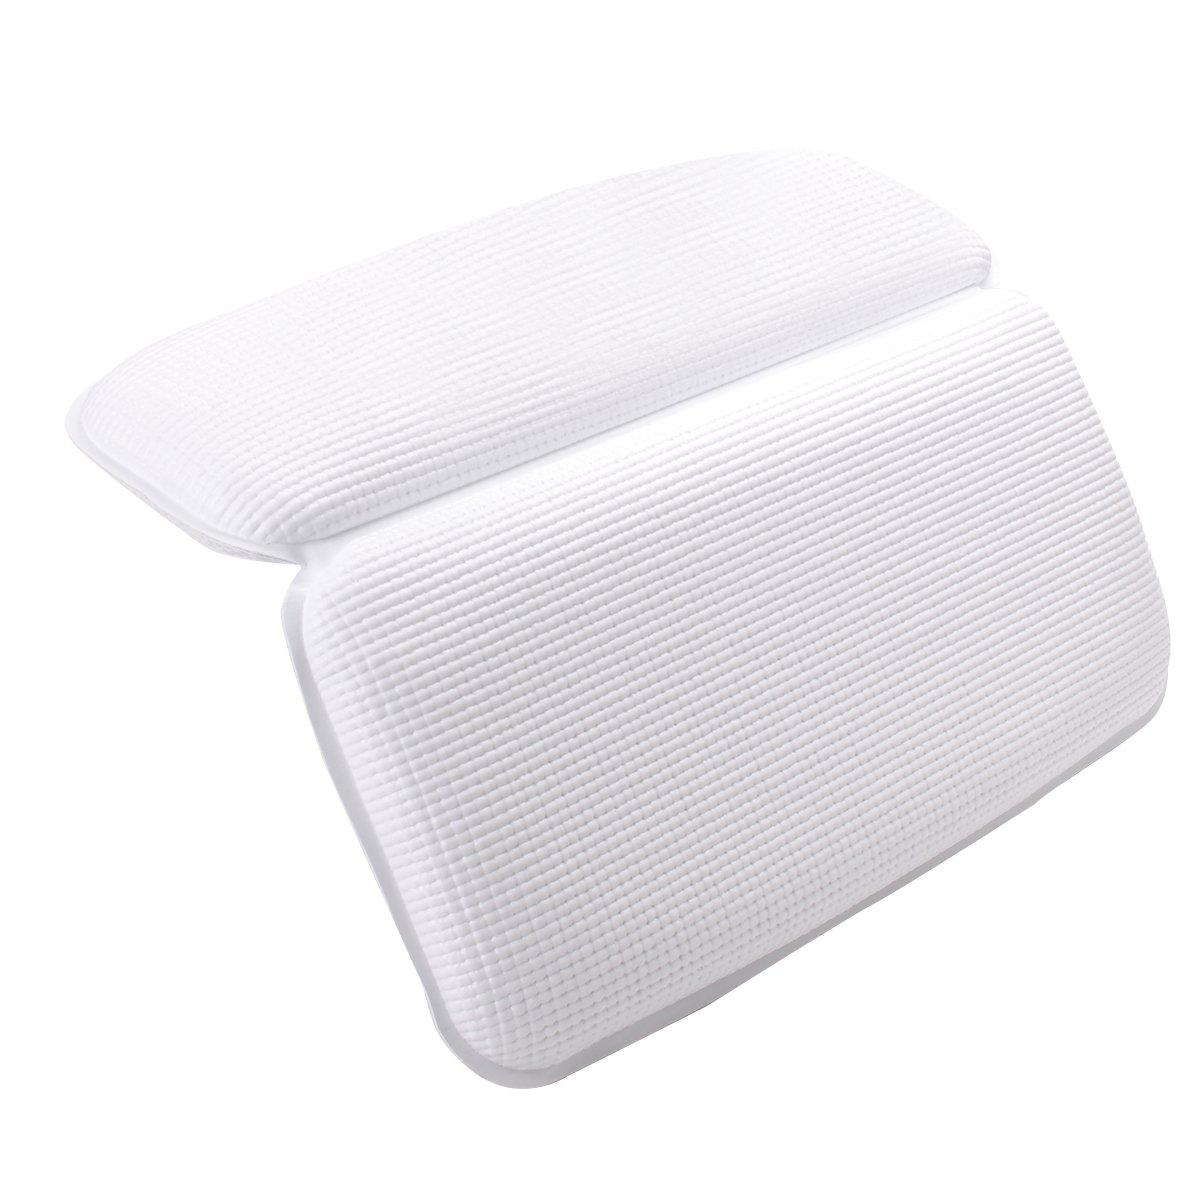 Oreiller de bain Spa Confort antidérapant support rembourré Taie d'oreiller pour baignoire Spa pour tête et cou, dos et des épaules (A) EZESO CO. LTD